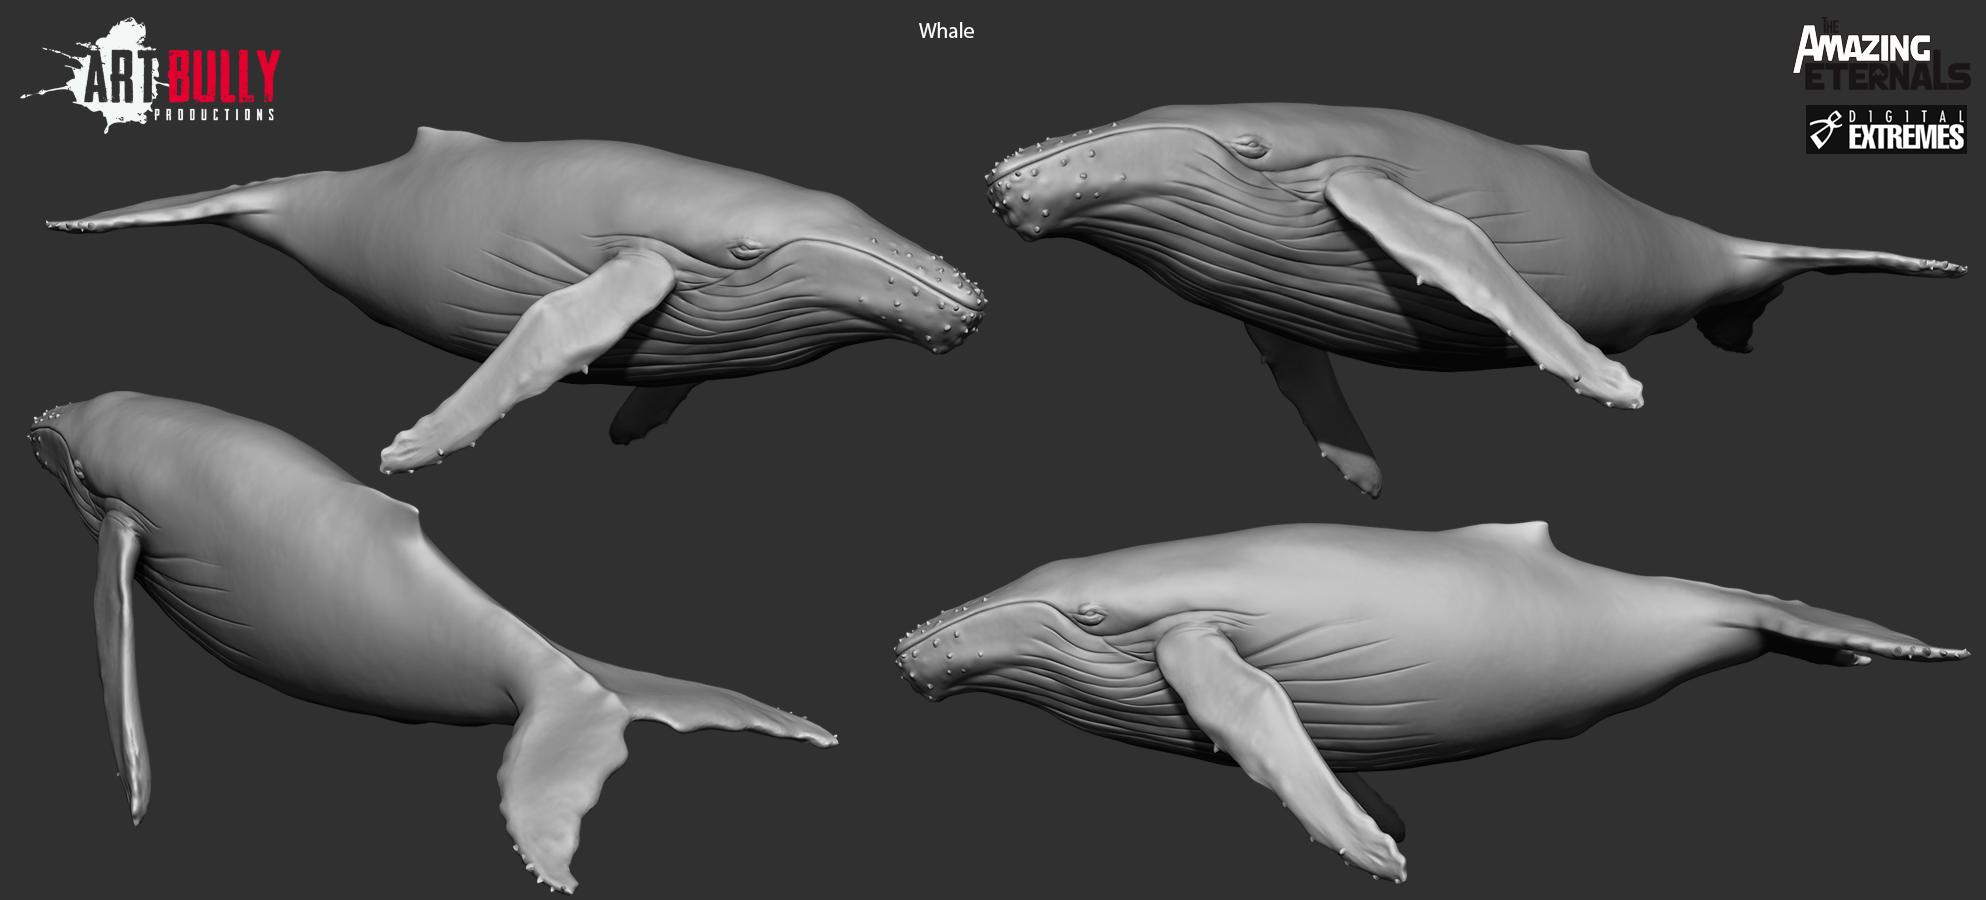 Whale_HP_Render.jpg